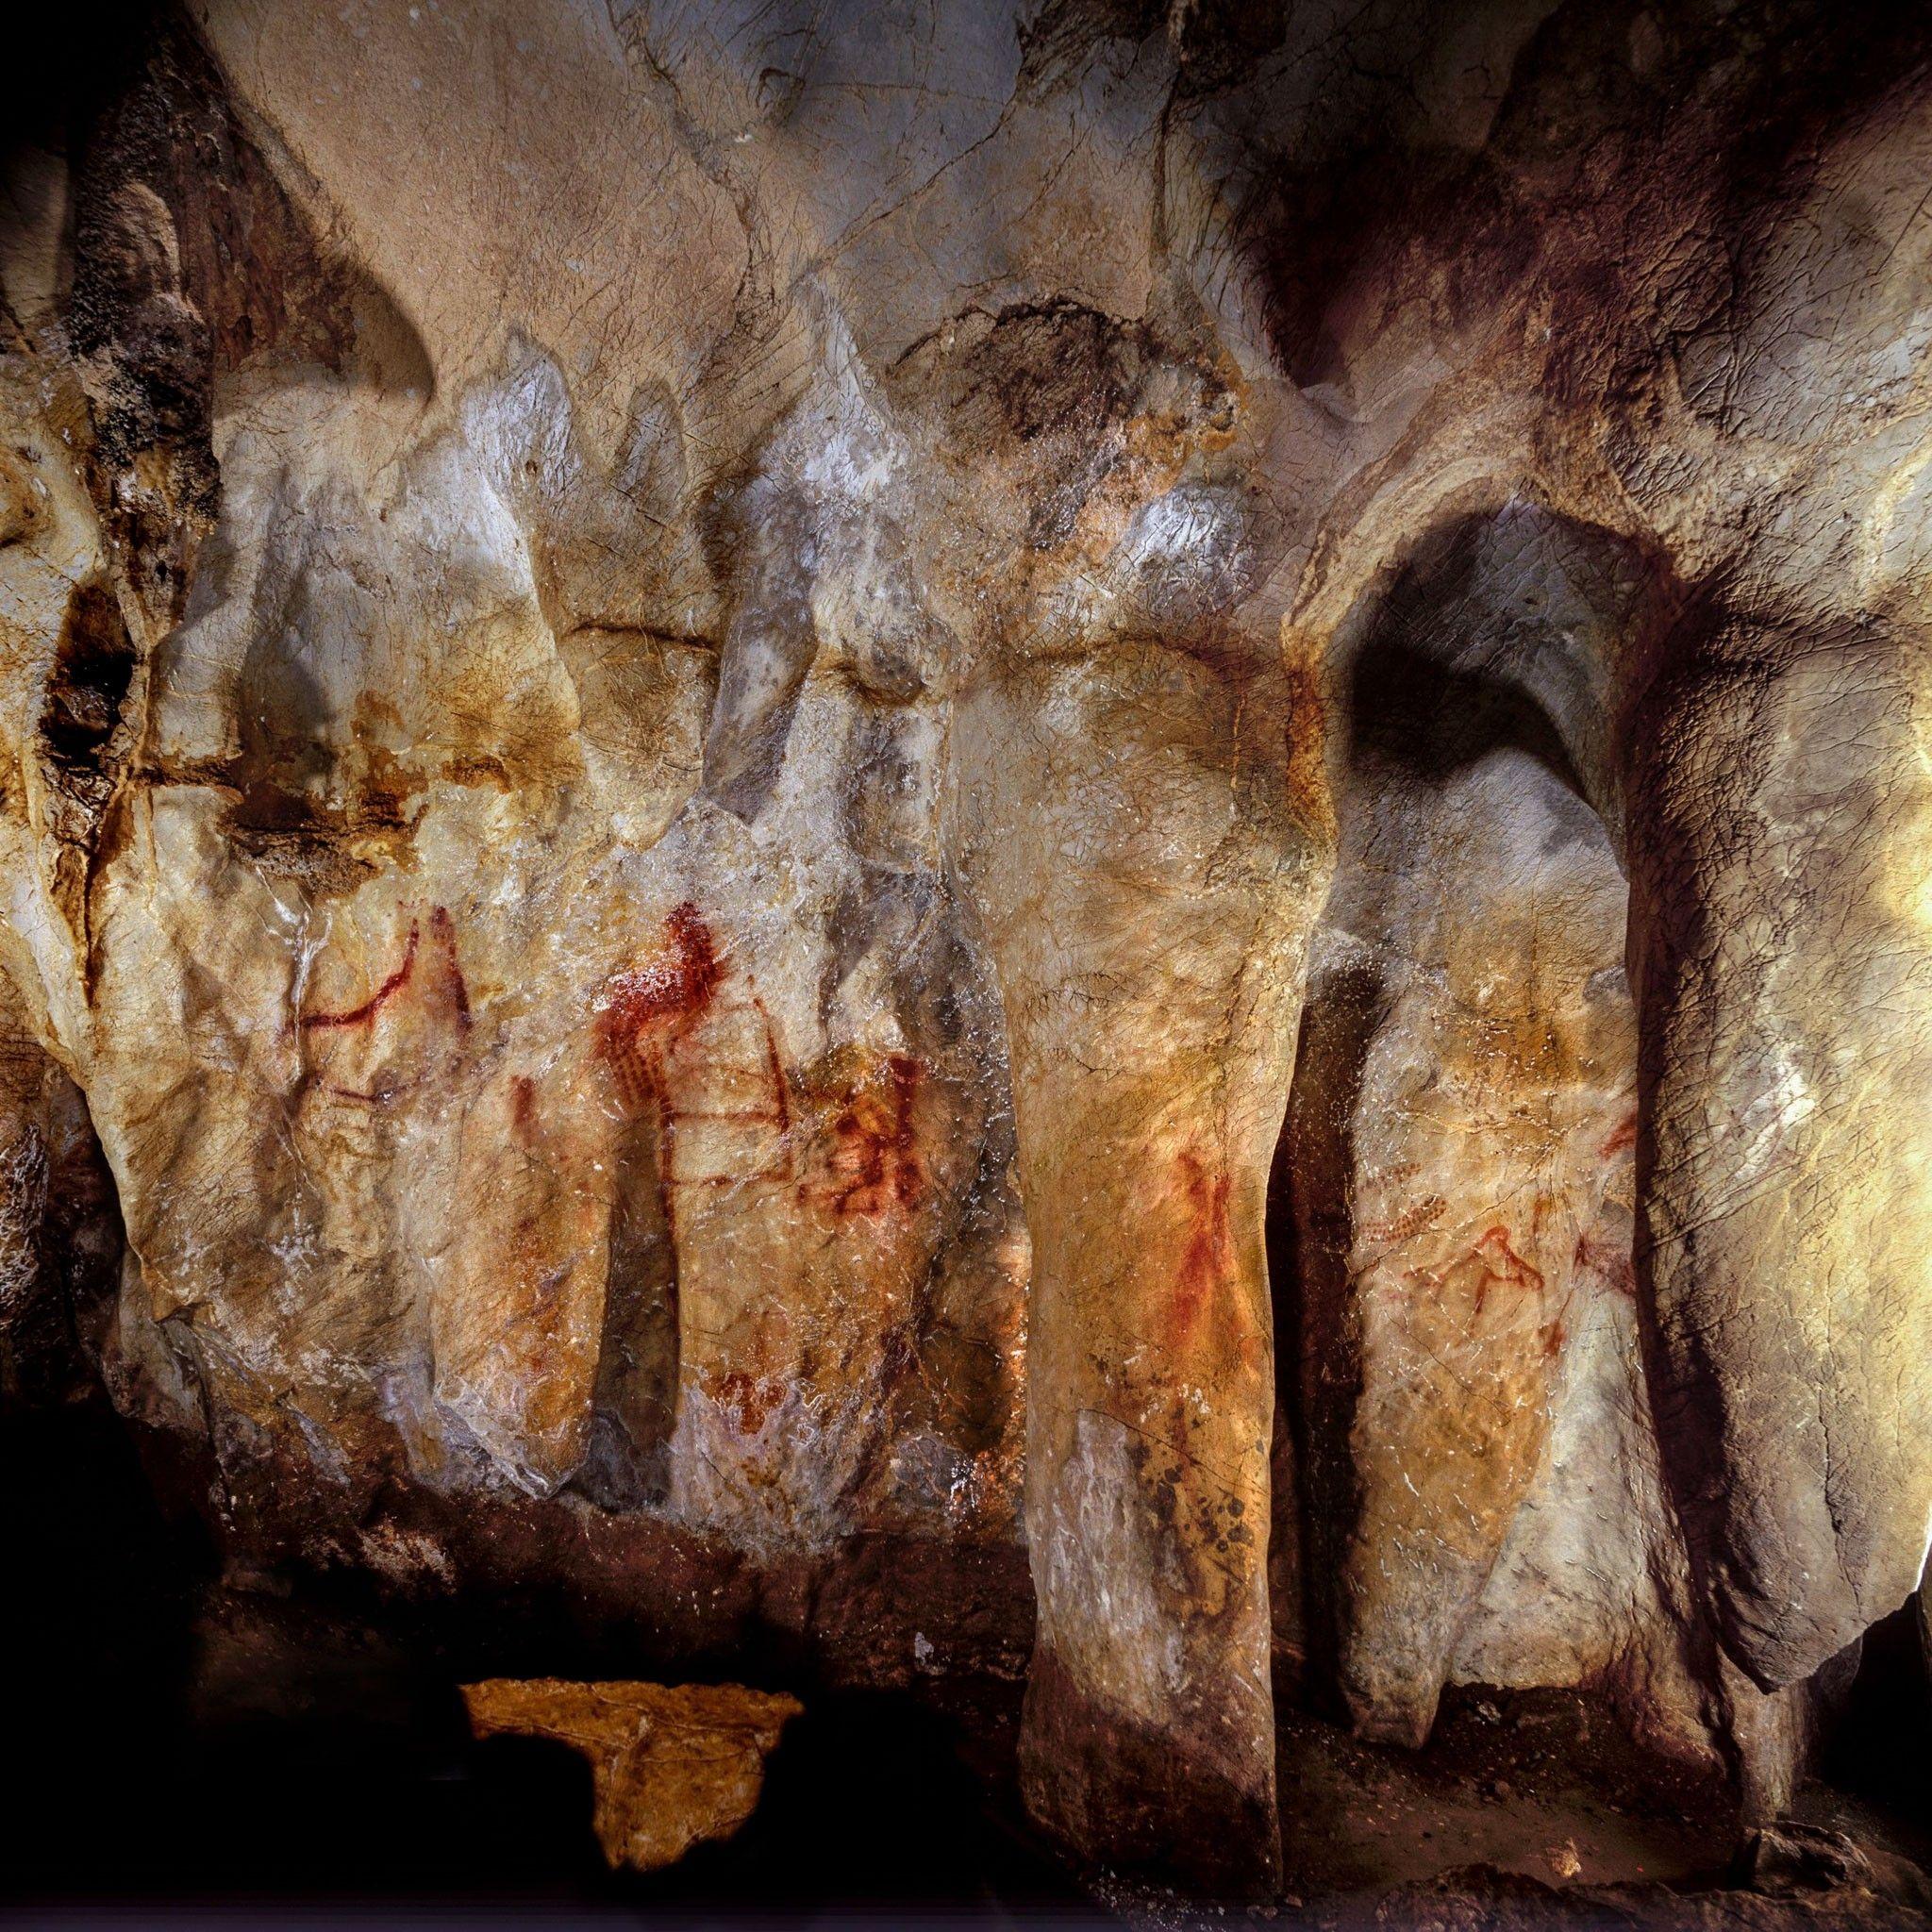 Älteste Höhlenkunst stammt wahrscheinlich von Neandertalern | National Geographic